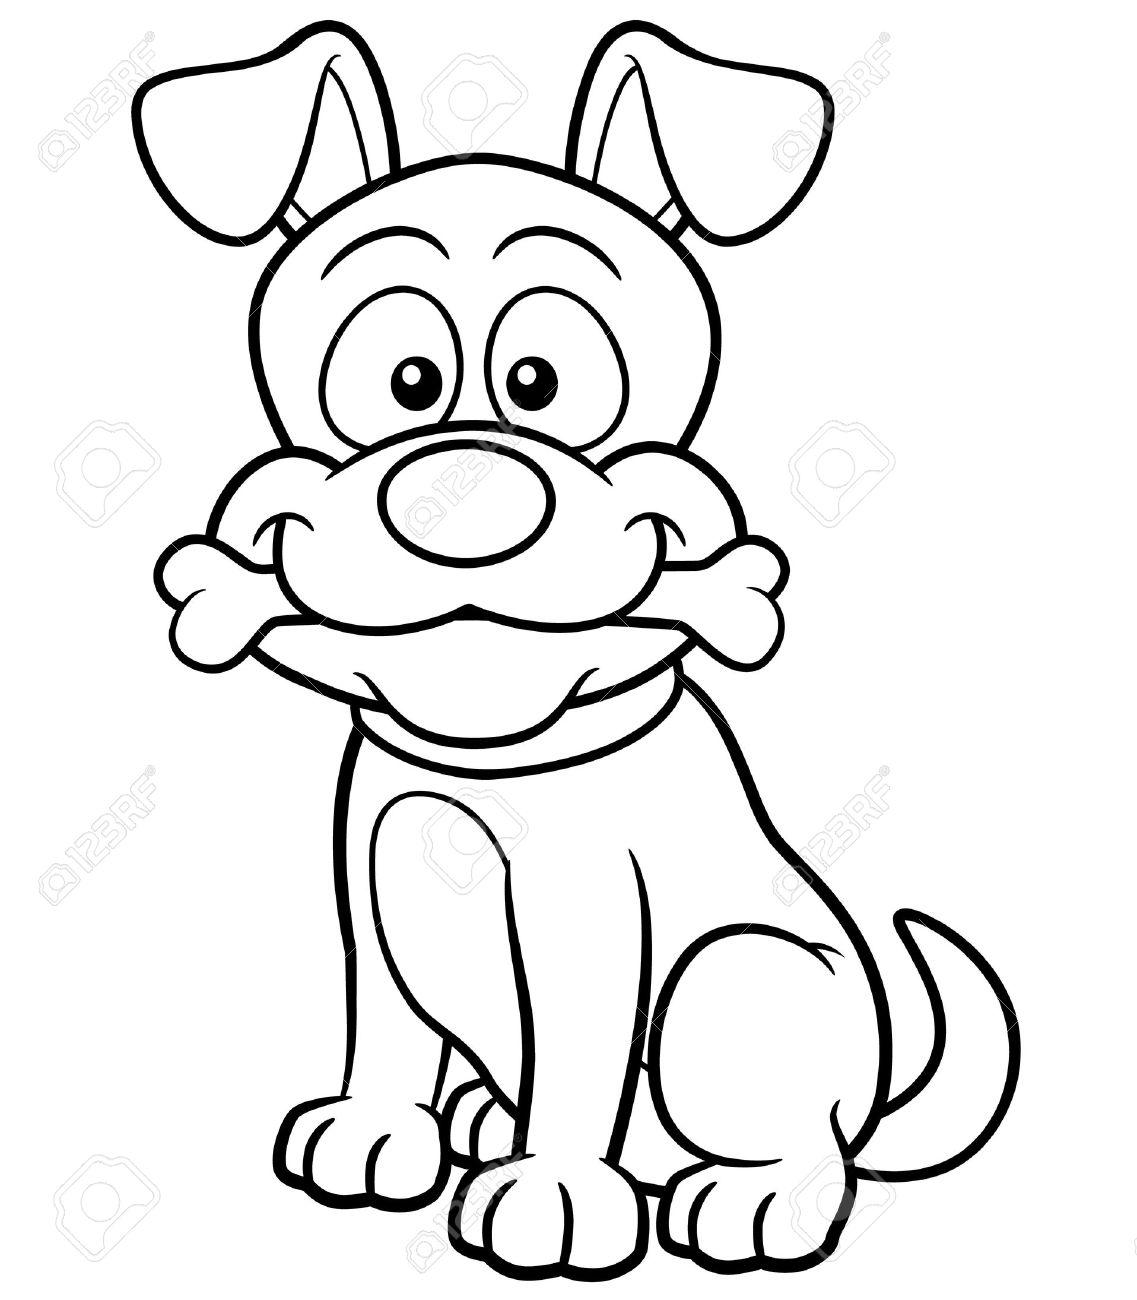 漫画犬の塗り絵のベクトル イラストのイラスト素材ベクタ Image